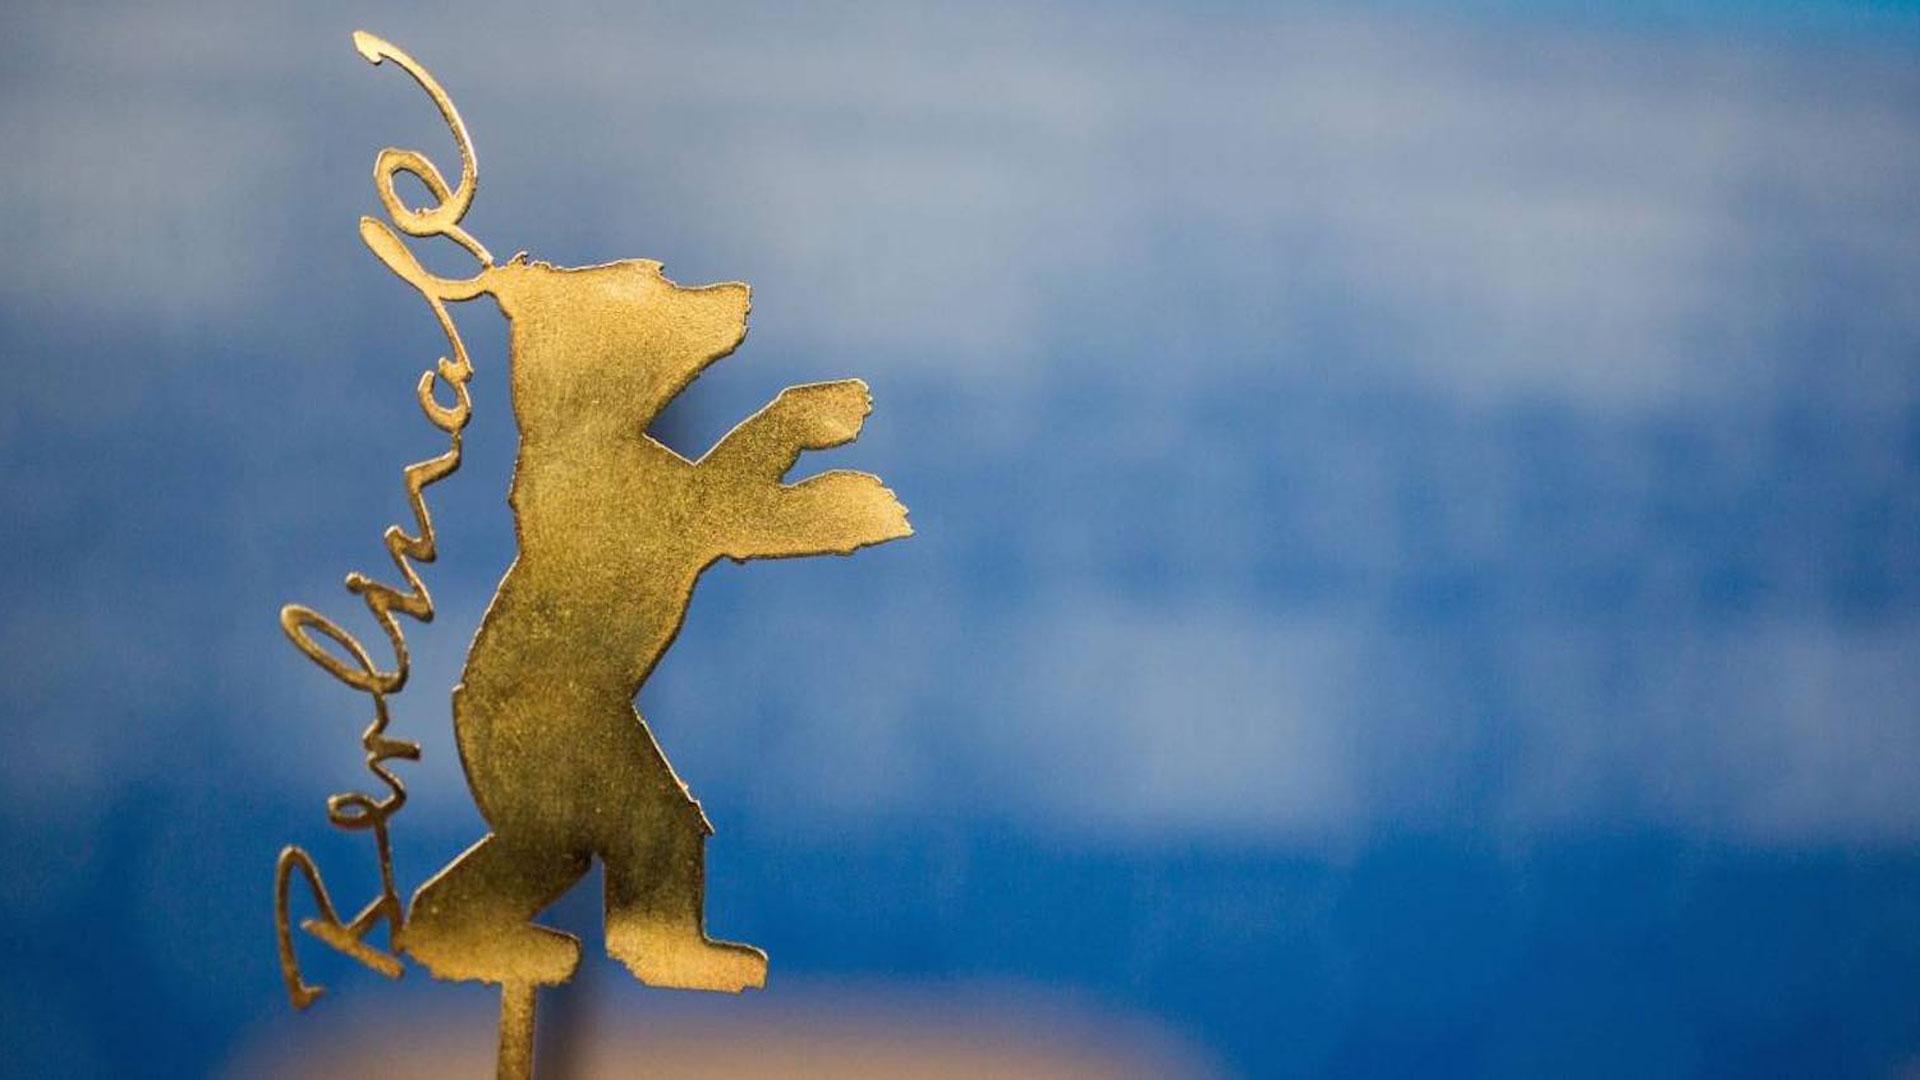 فهرست برندگان جشنواره فیلم برلین ۲۰۲۱؛ رسیدن جایزه اصلی به فیلم Bad Luck